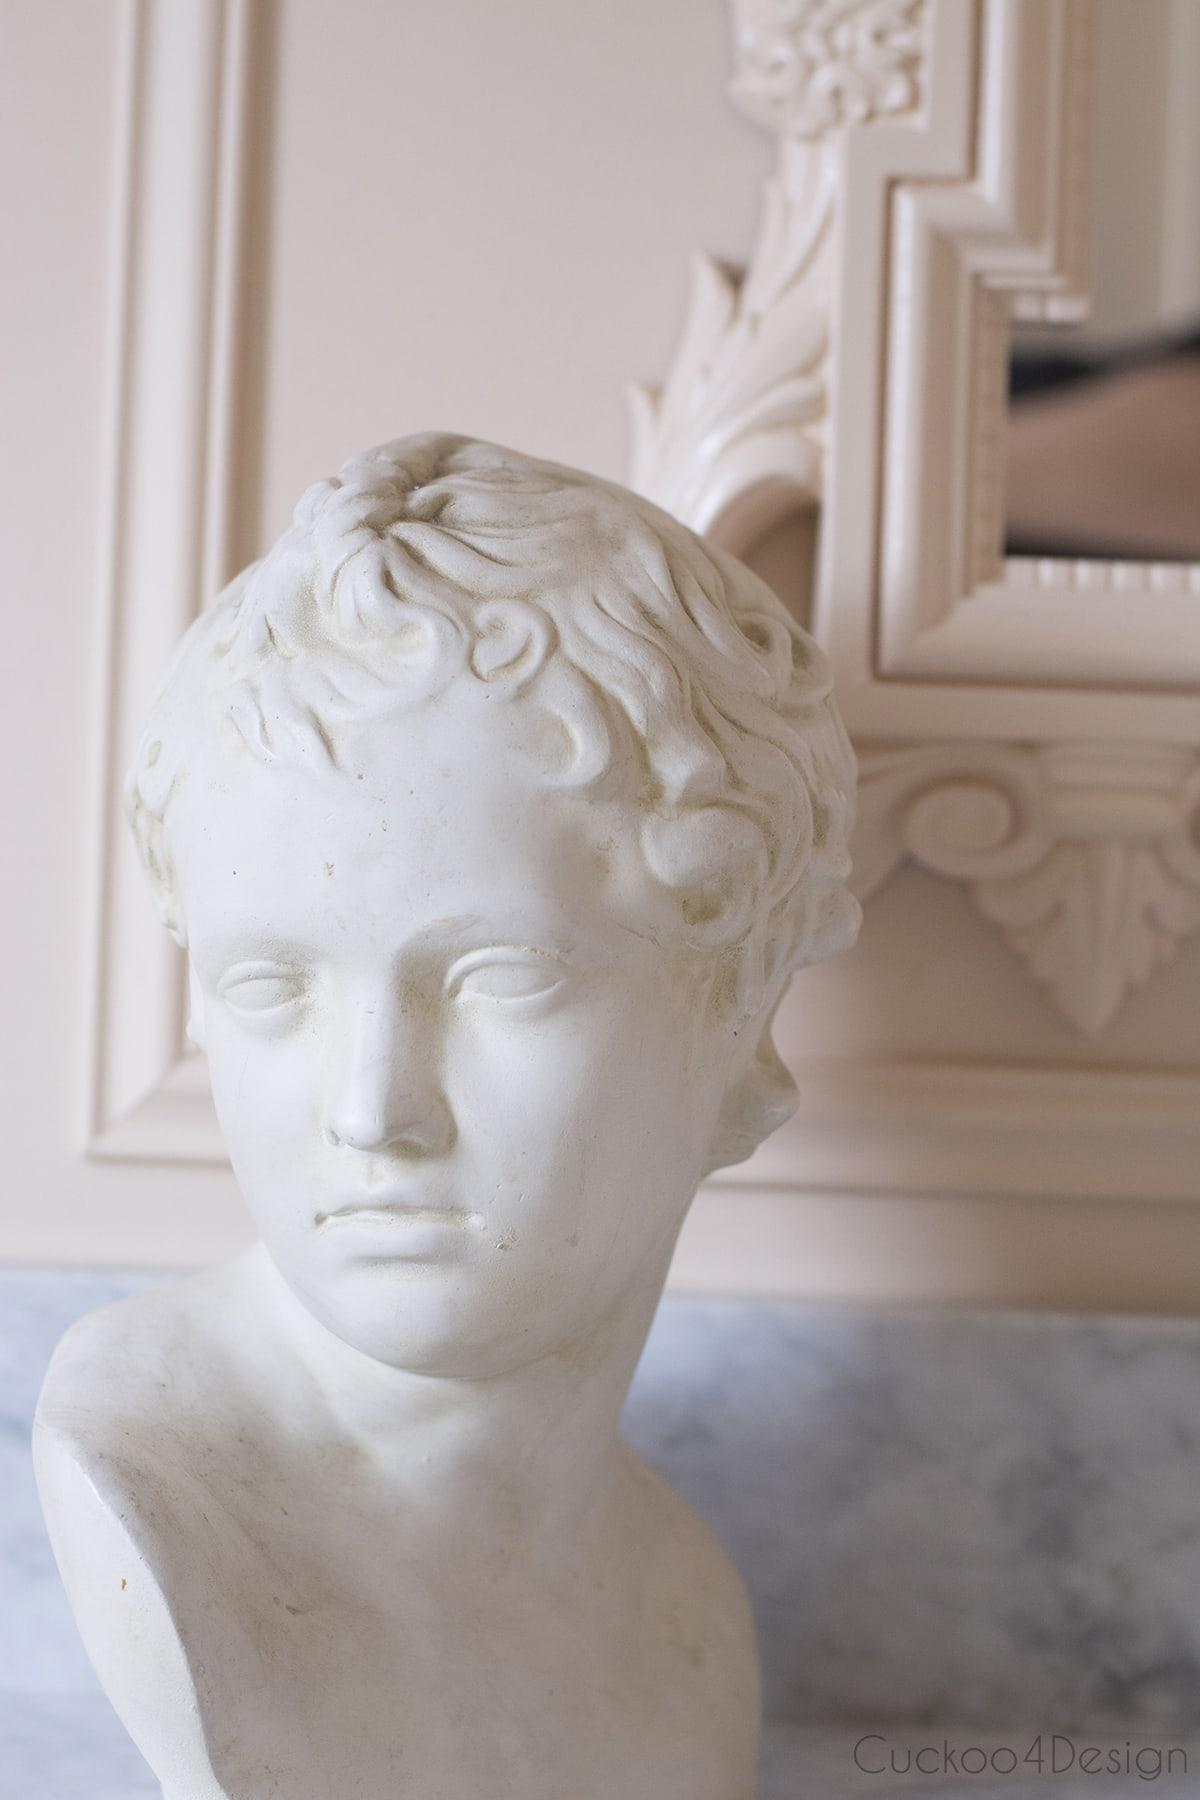 Greek bust in budget bathroom remodel